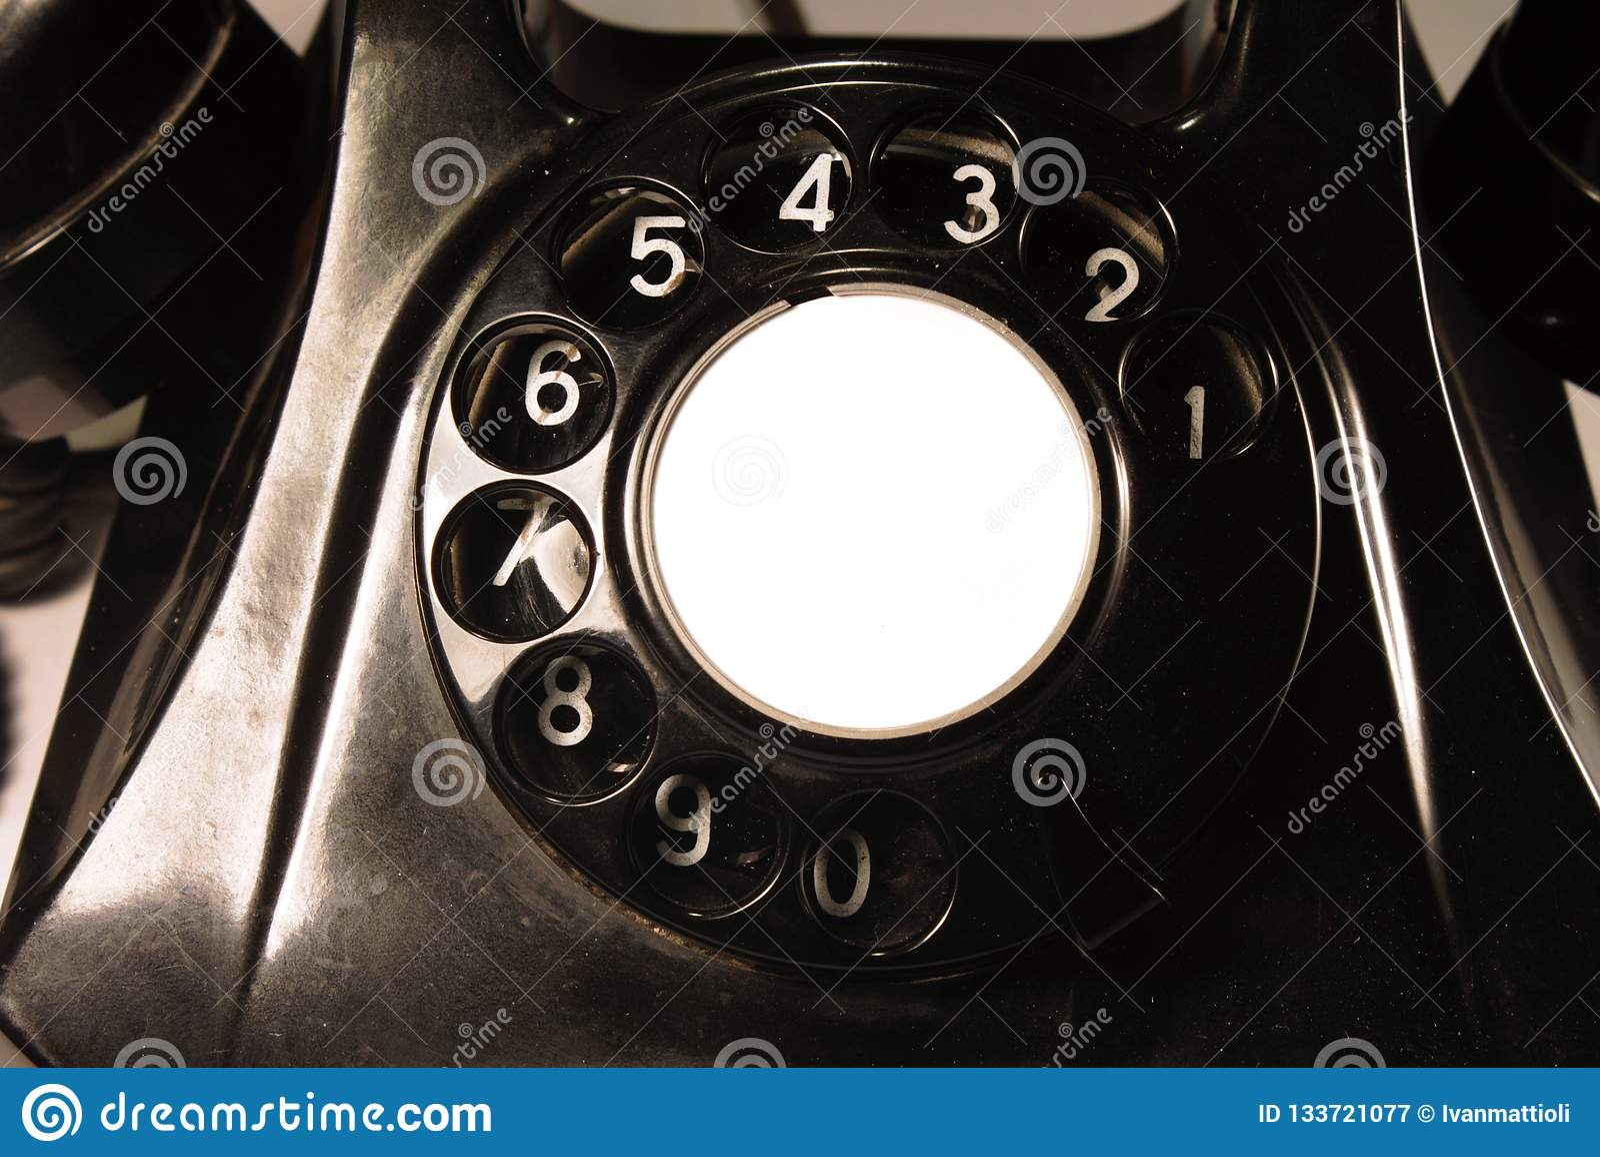 Klassisk visartavla av en gammal bakelitetelefon bakgrund isolerad white